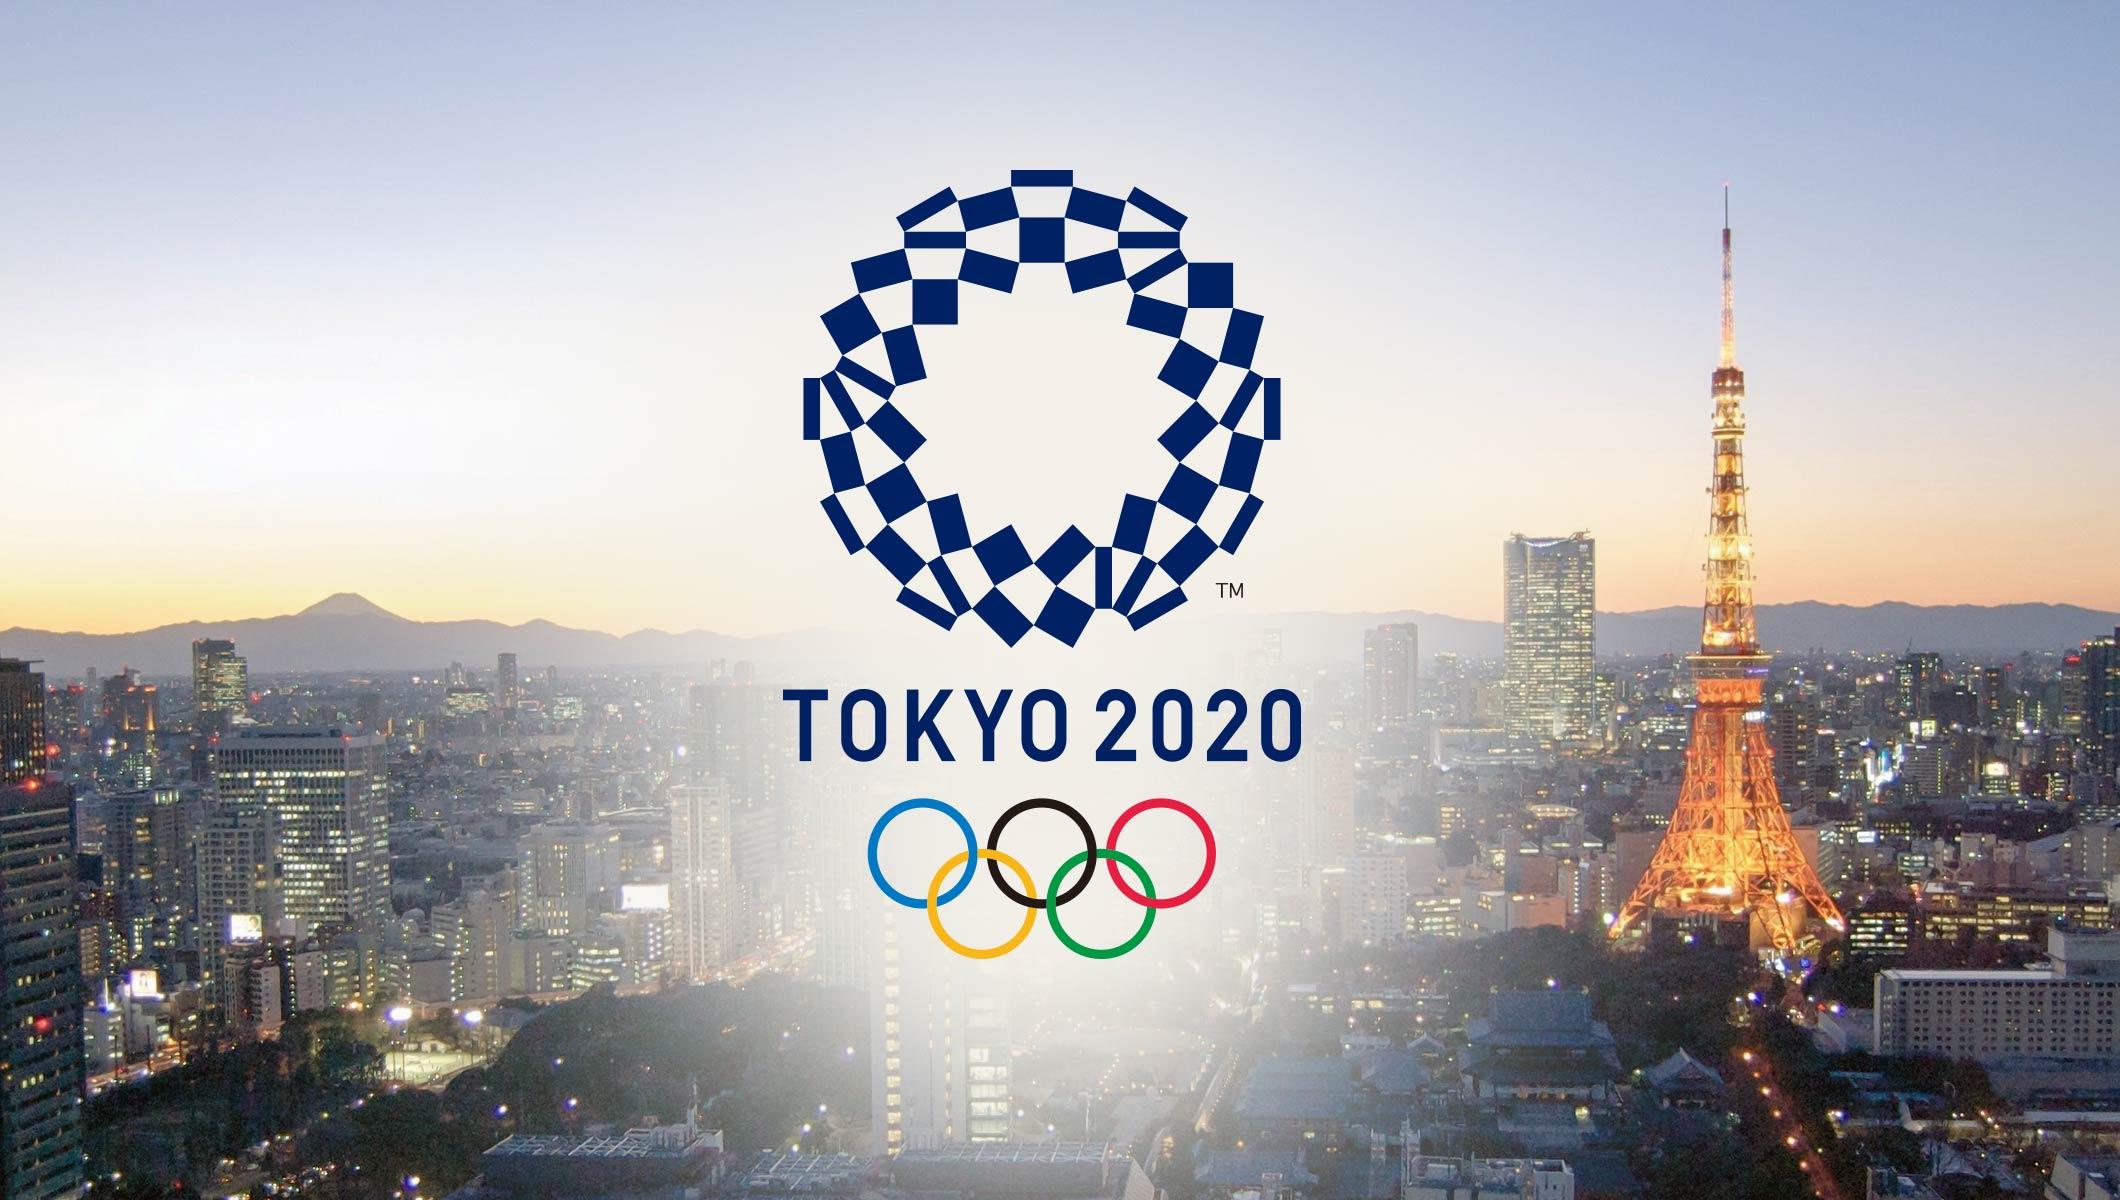 TOKIO 2020 LOGO AT